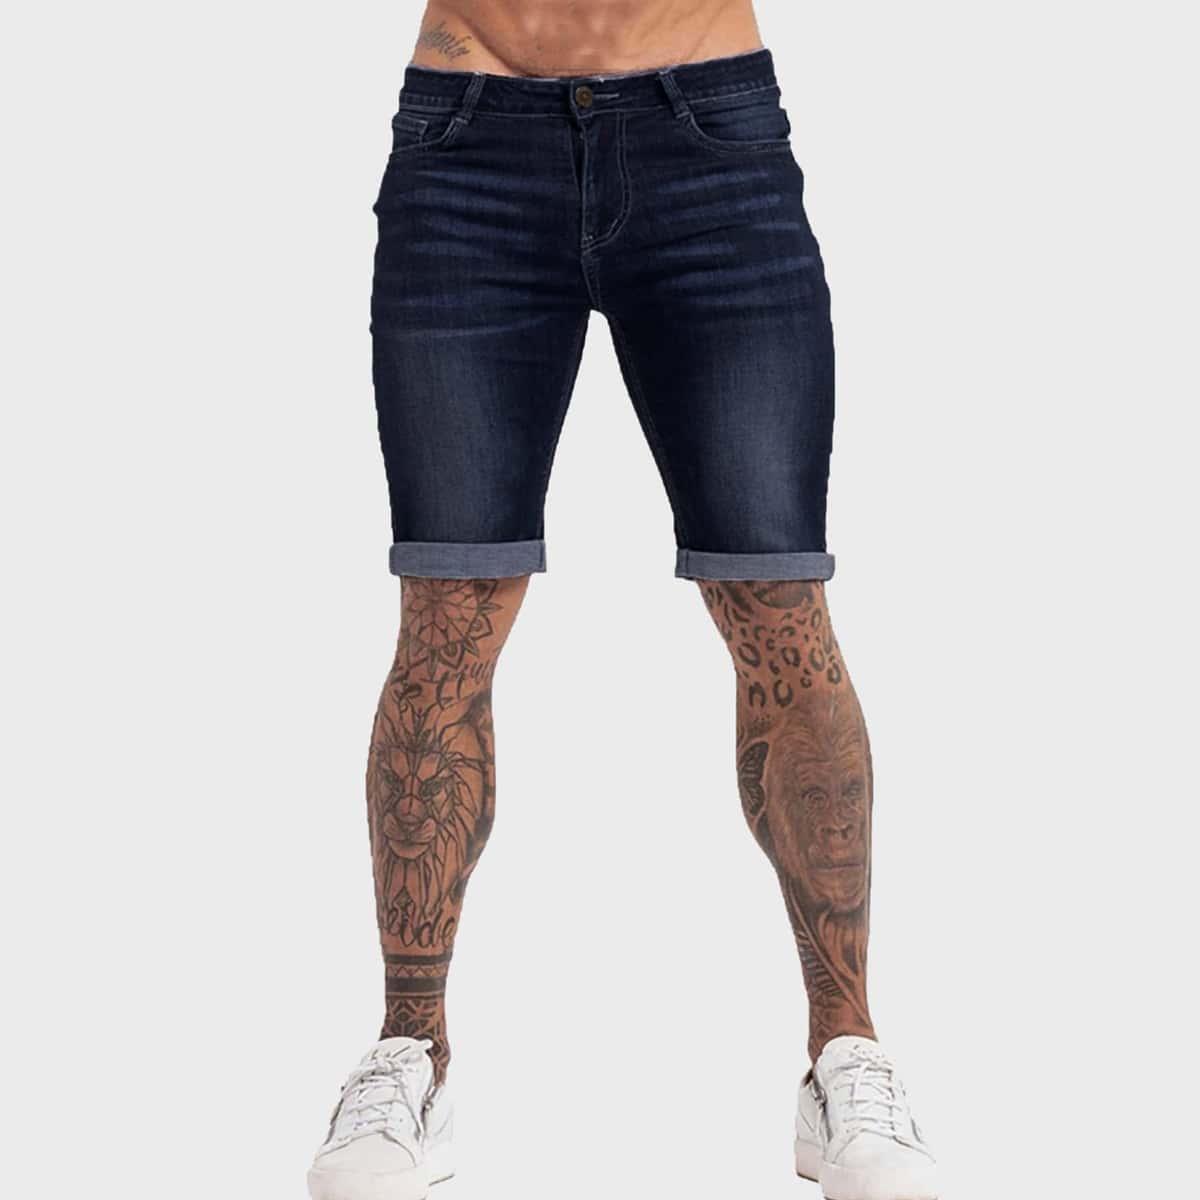 Карман Одноцветный Мужские джинсовые шорты по цене 1 610